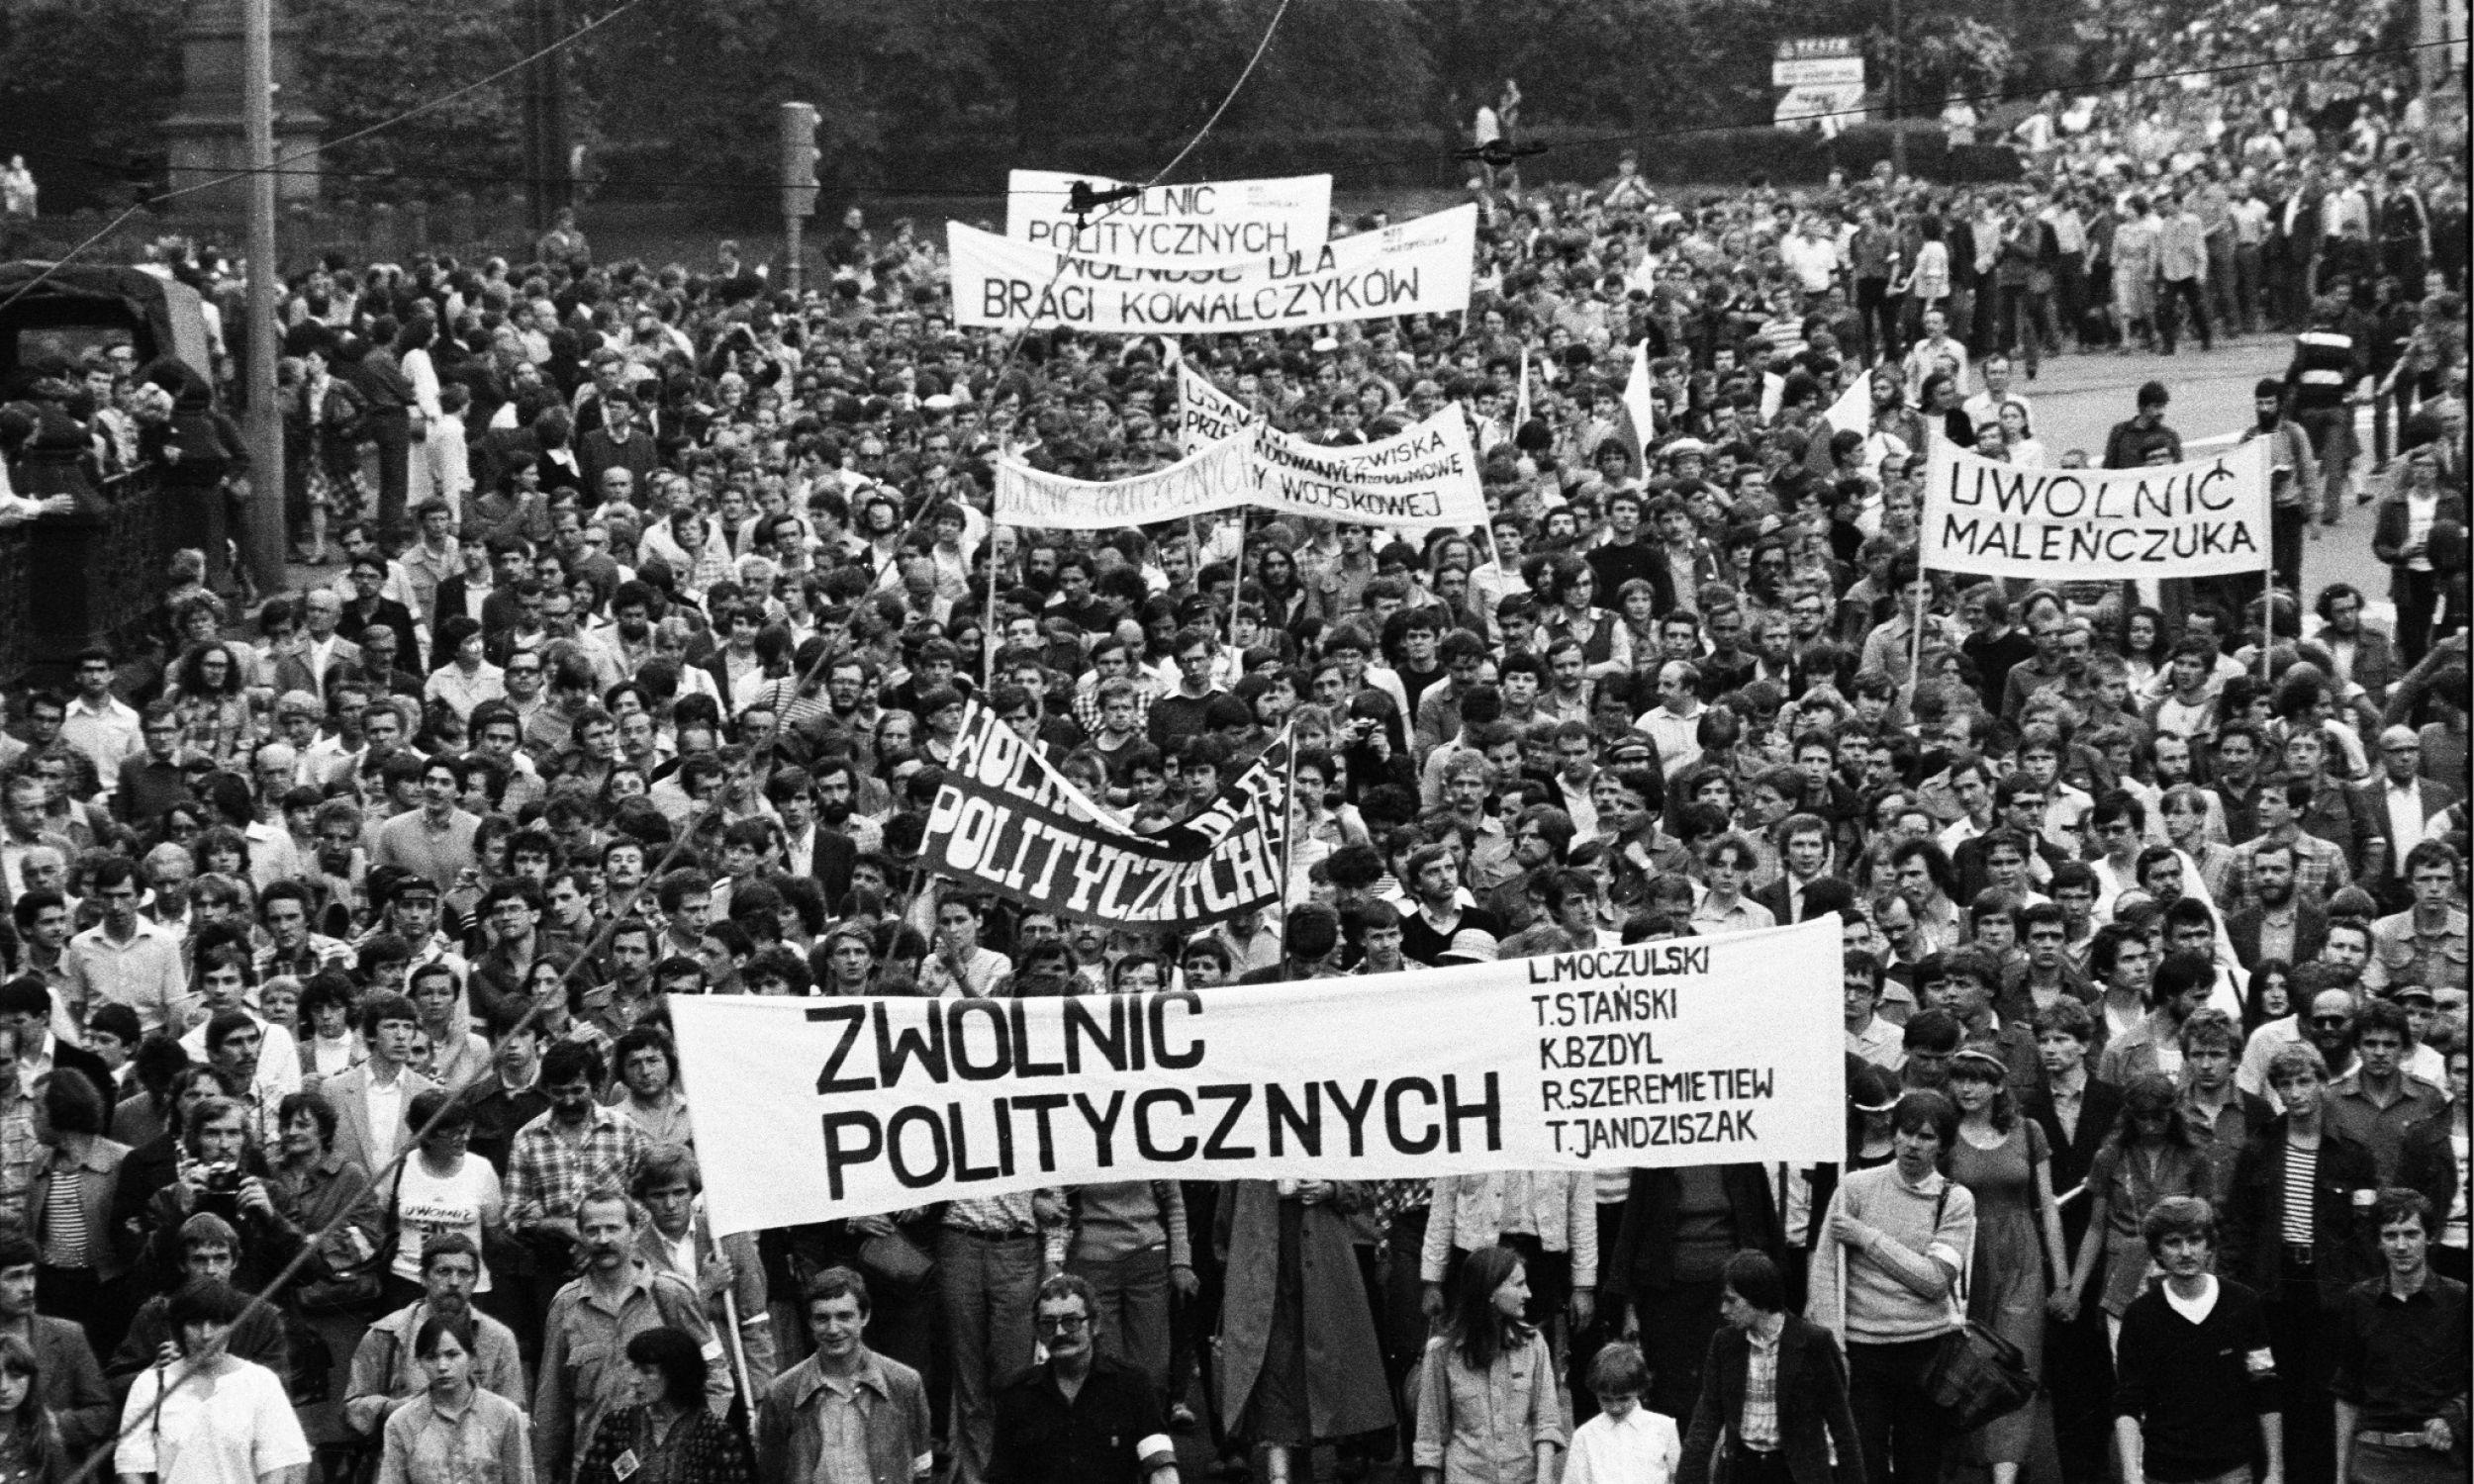 Kraków, 1981-05-25. Niezależne Zrzeszenie Studentów oraz Solidarność zorganizowały marsz protestacyjny przeciwko przetrzymywaniu więźniów politycznych. Fot. PAP/CAF/Kazimierz Seko